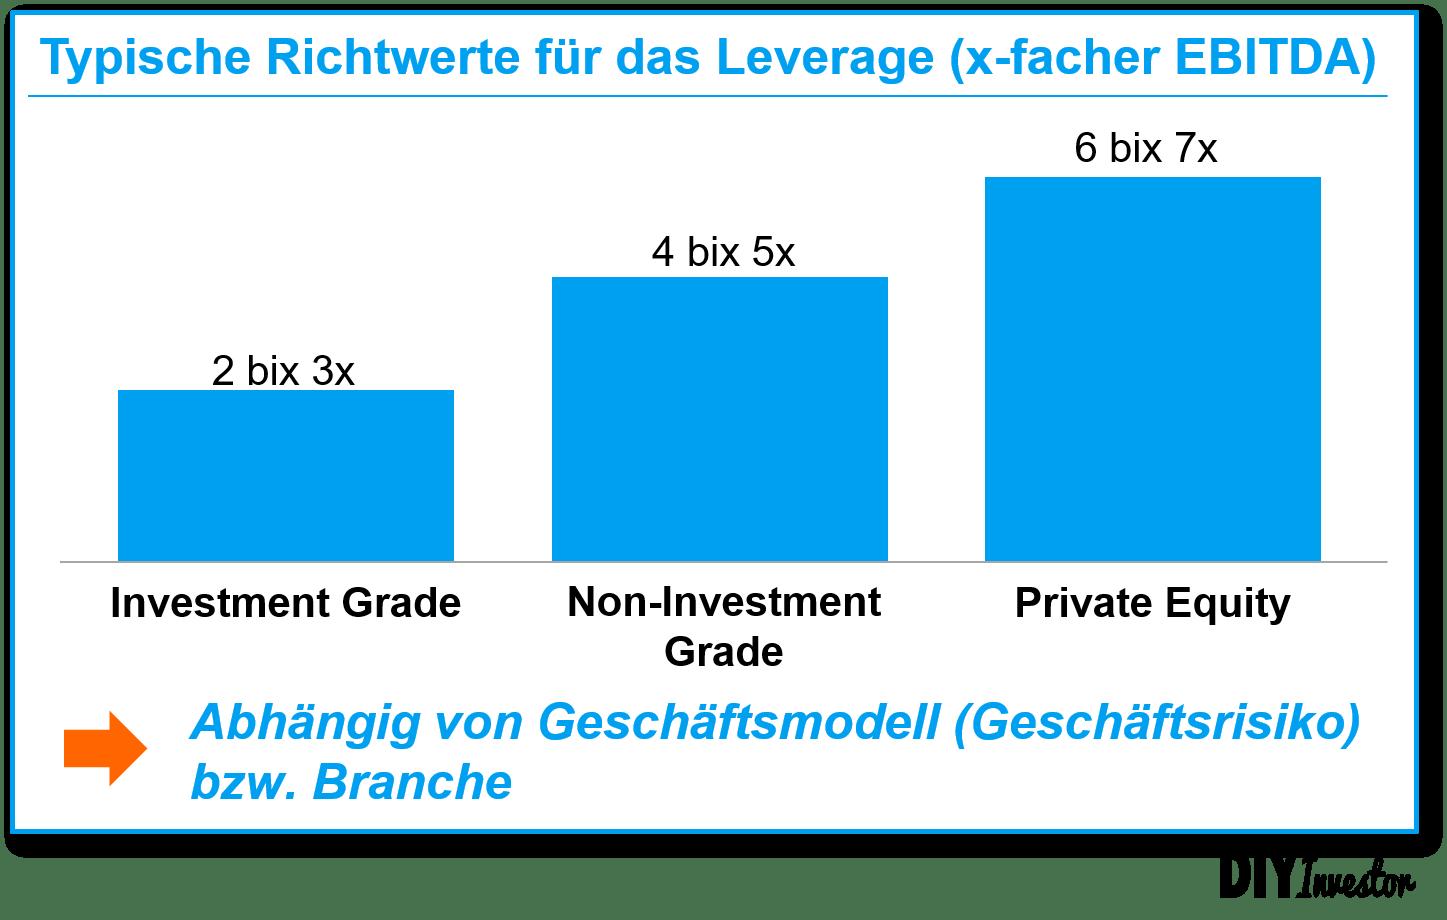 Net Debt / EBITDA Richtwerte